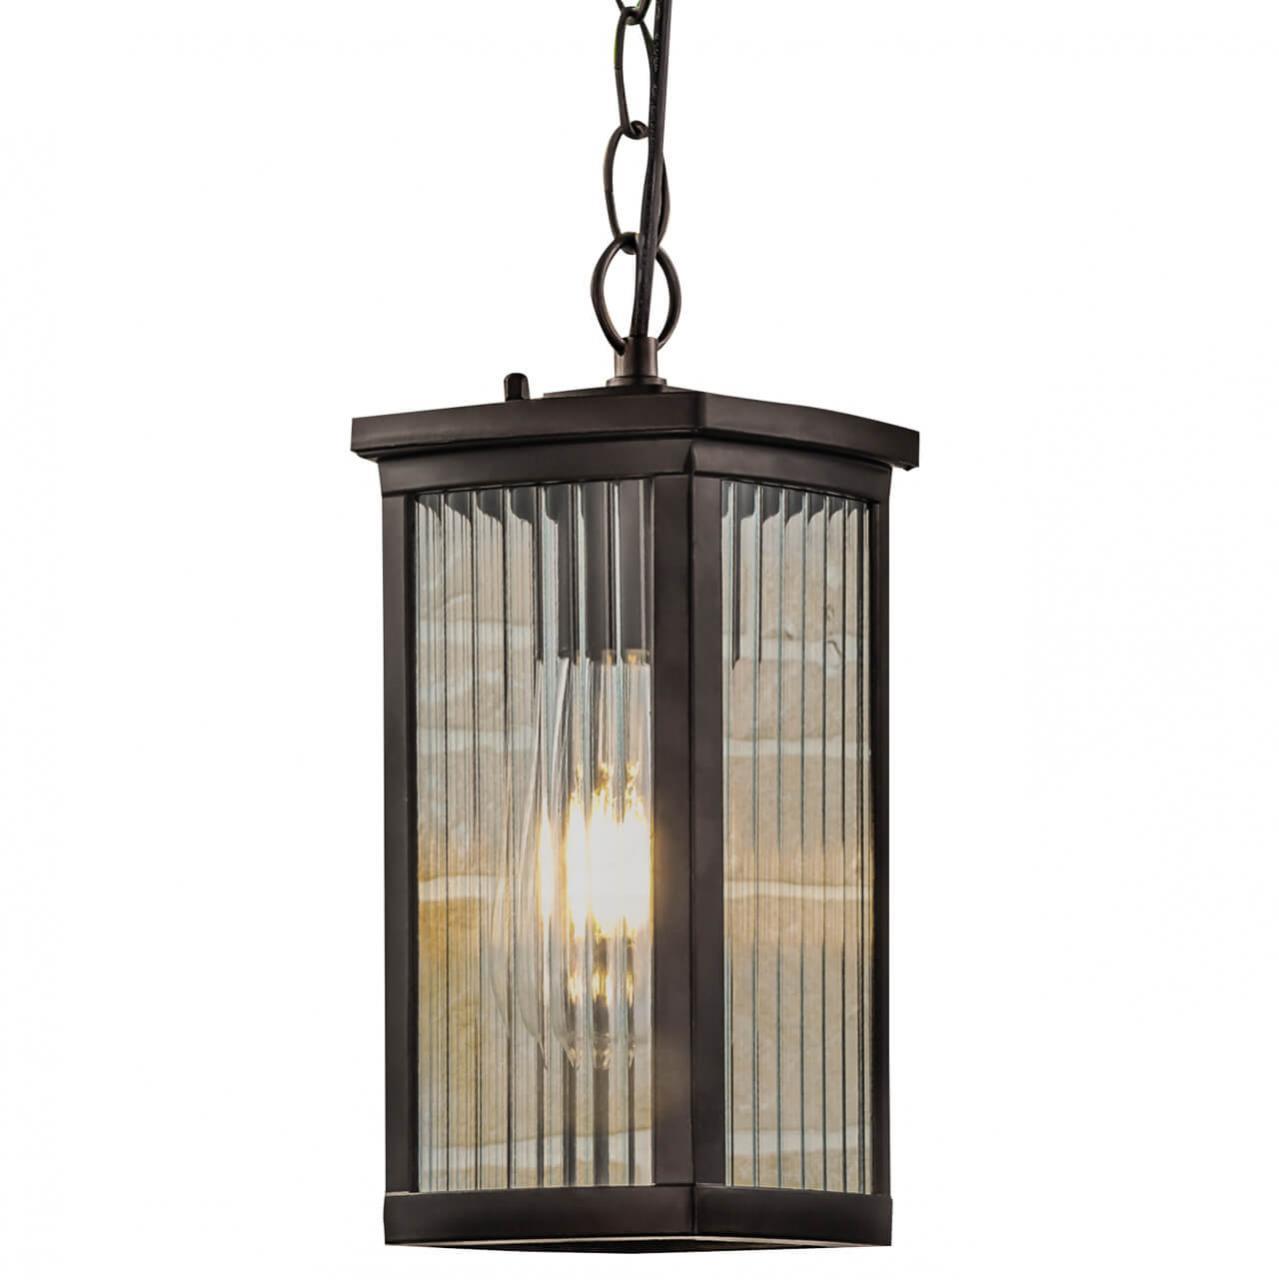 Уличный подвесной светильник Elektrostandard Lame H кофе GL 1006H 4690389148392